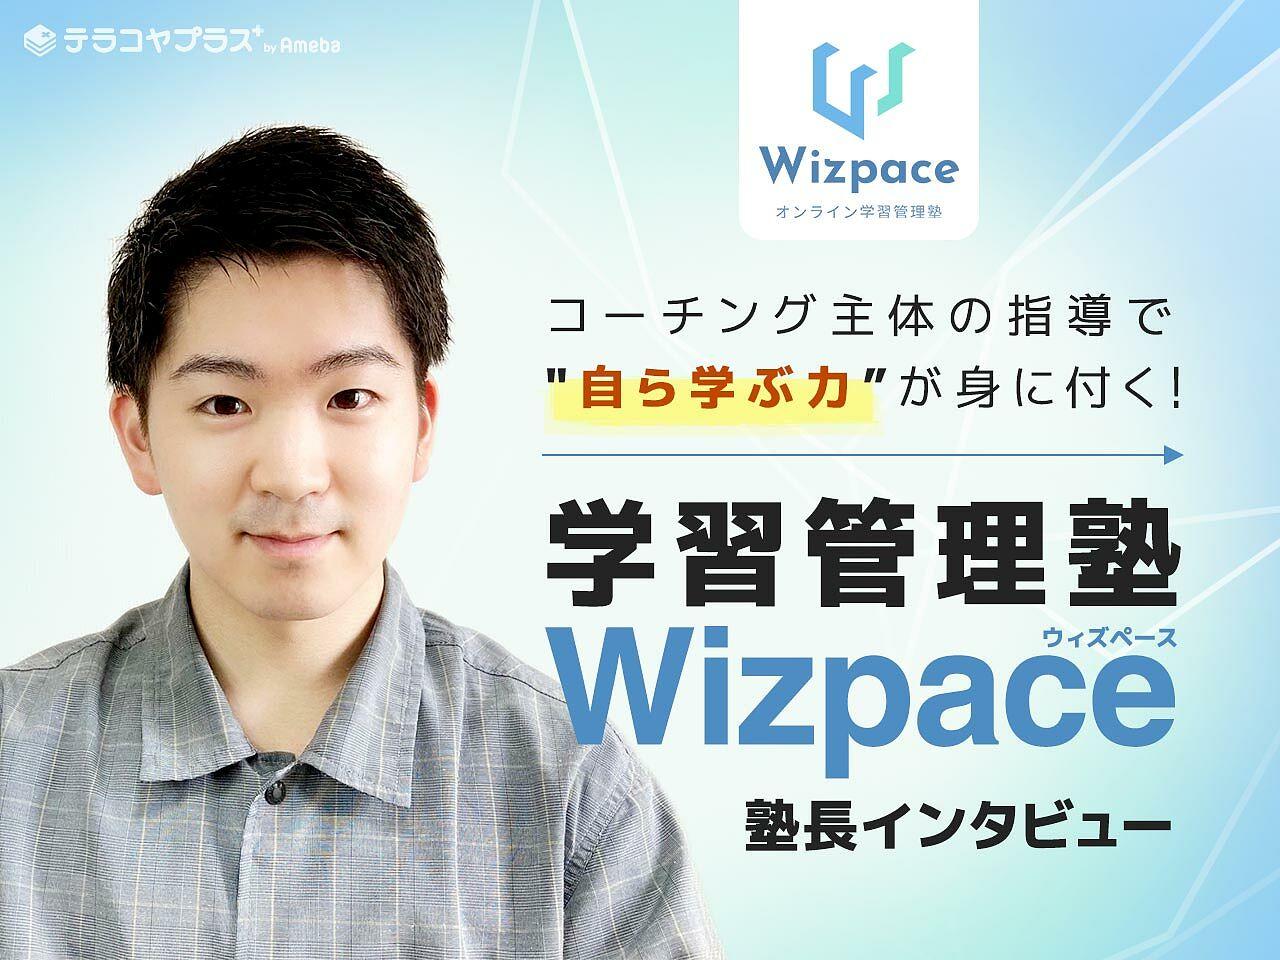 「オンライン学習管理塾Wizpace」のコーチング指導を徹底解説!勉強できない中学生が変わる理由とは?の画像